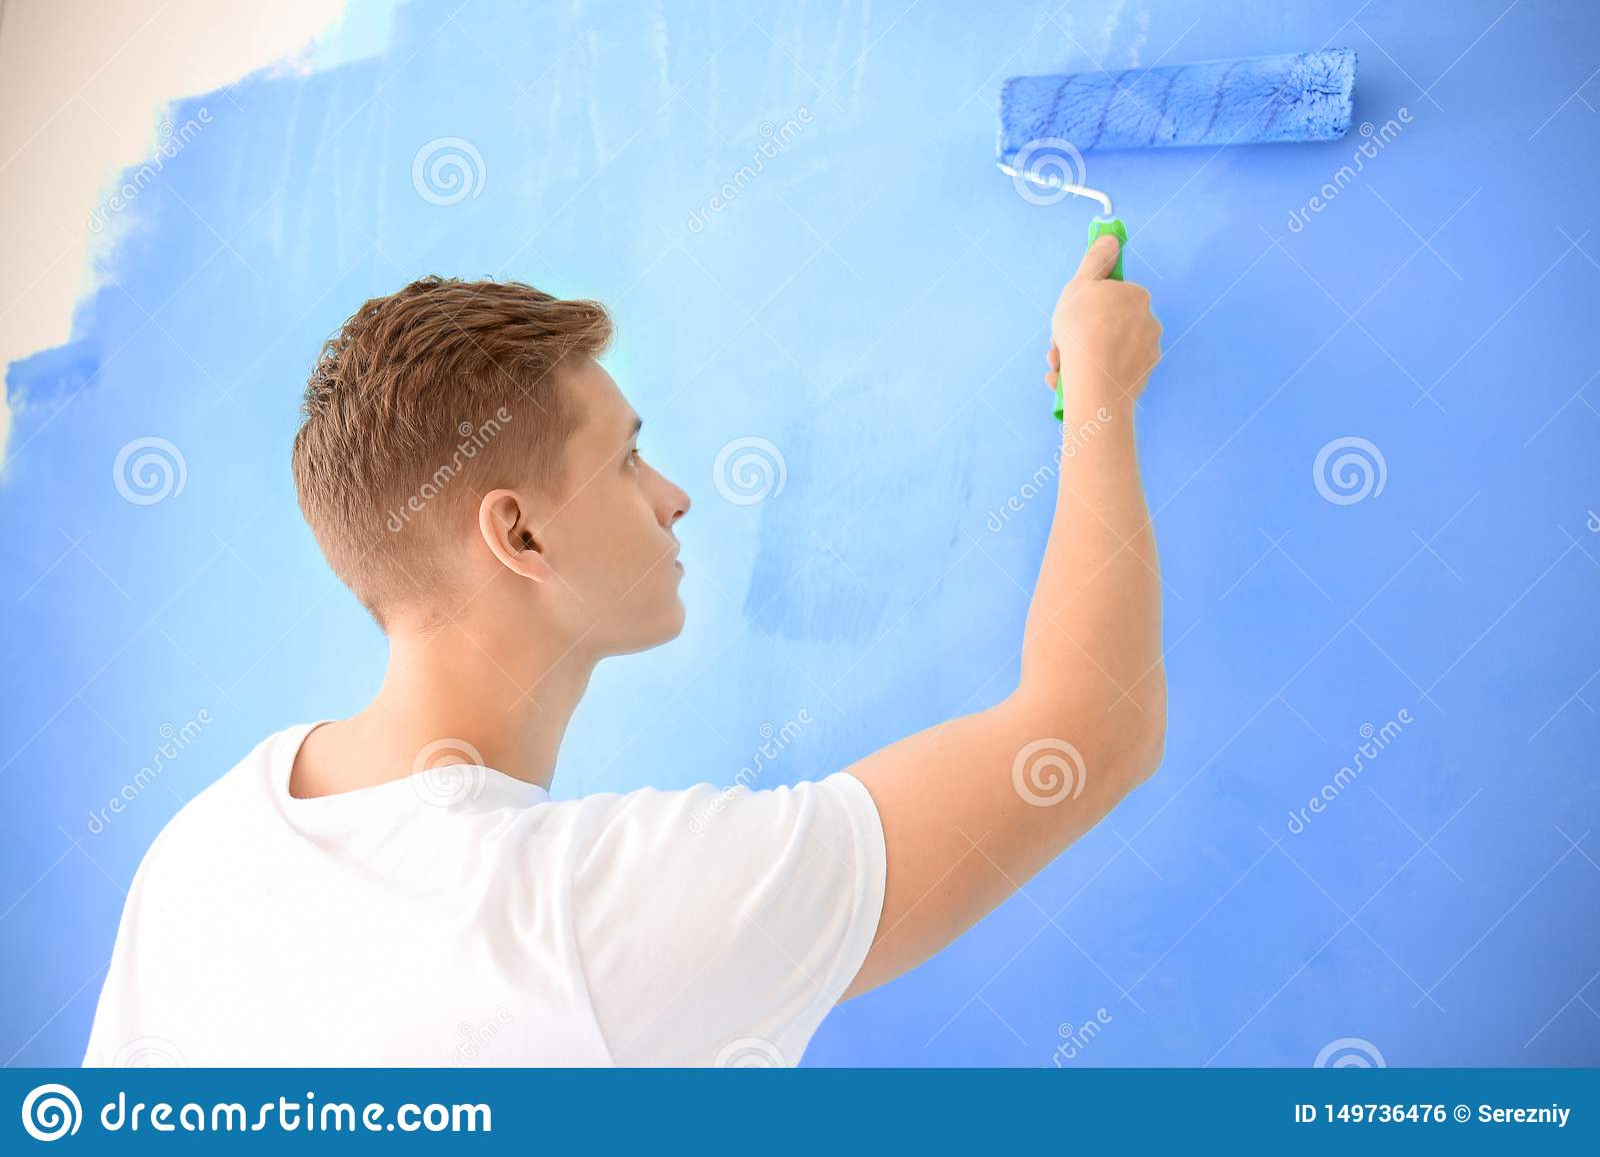 Άνδρας ζωγράφος που χρησιμοποιεί τον κύλινδρο για να ανανεώσει το χρώμα του τοίχου στο εσωτερικό